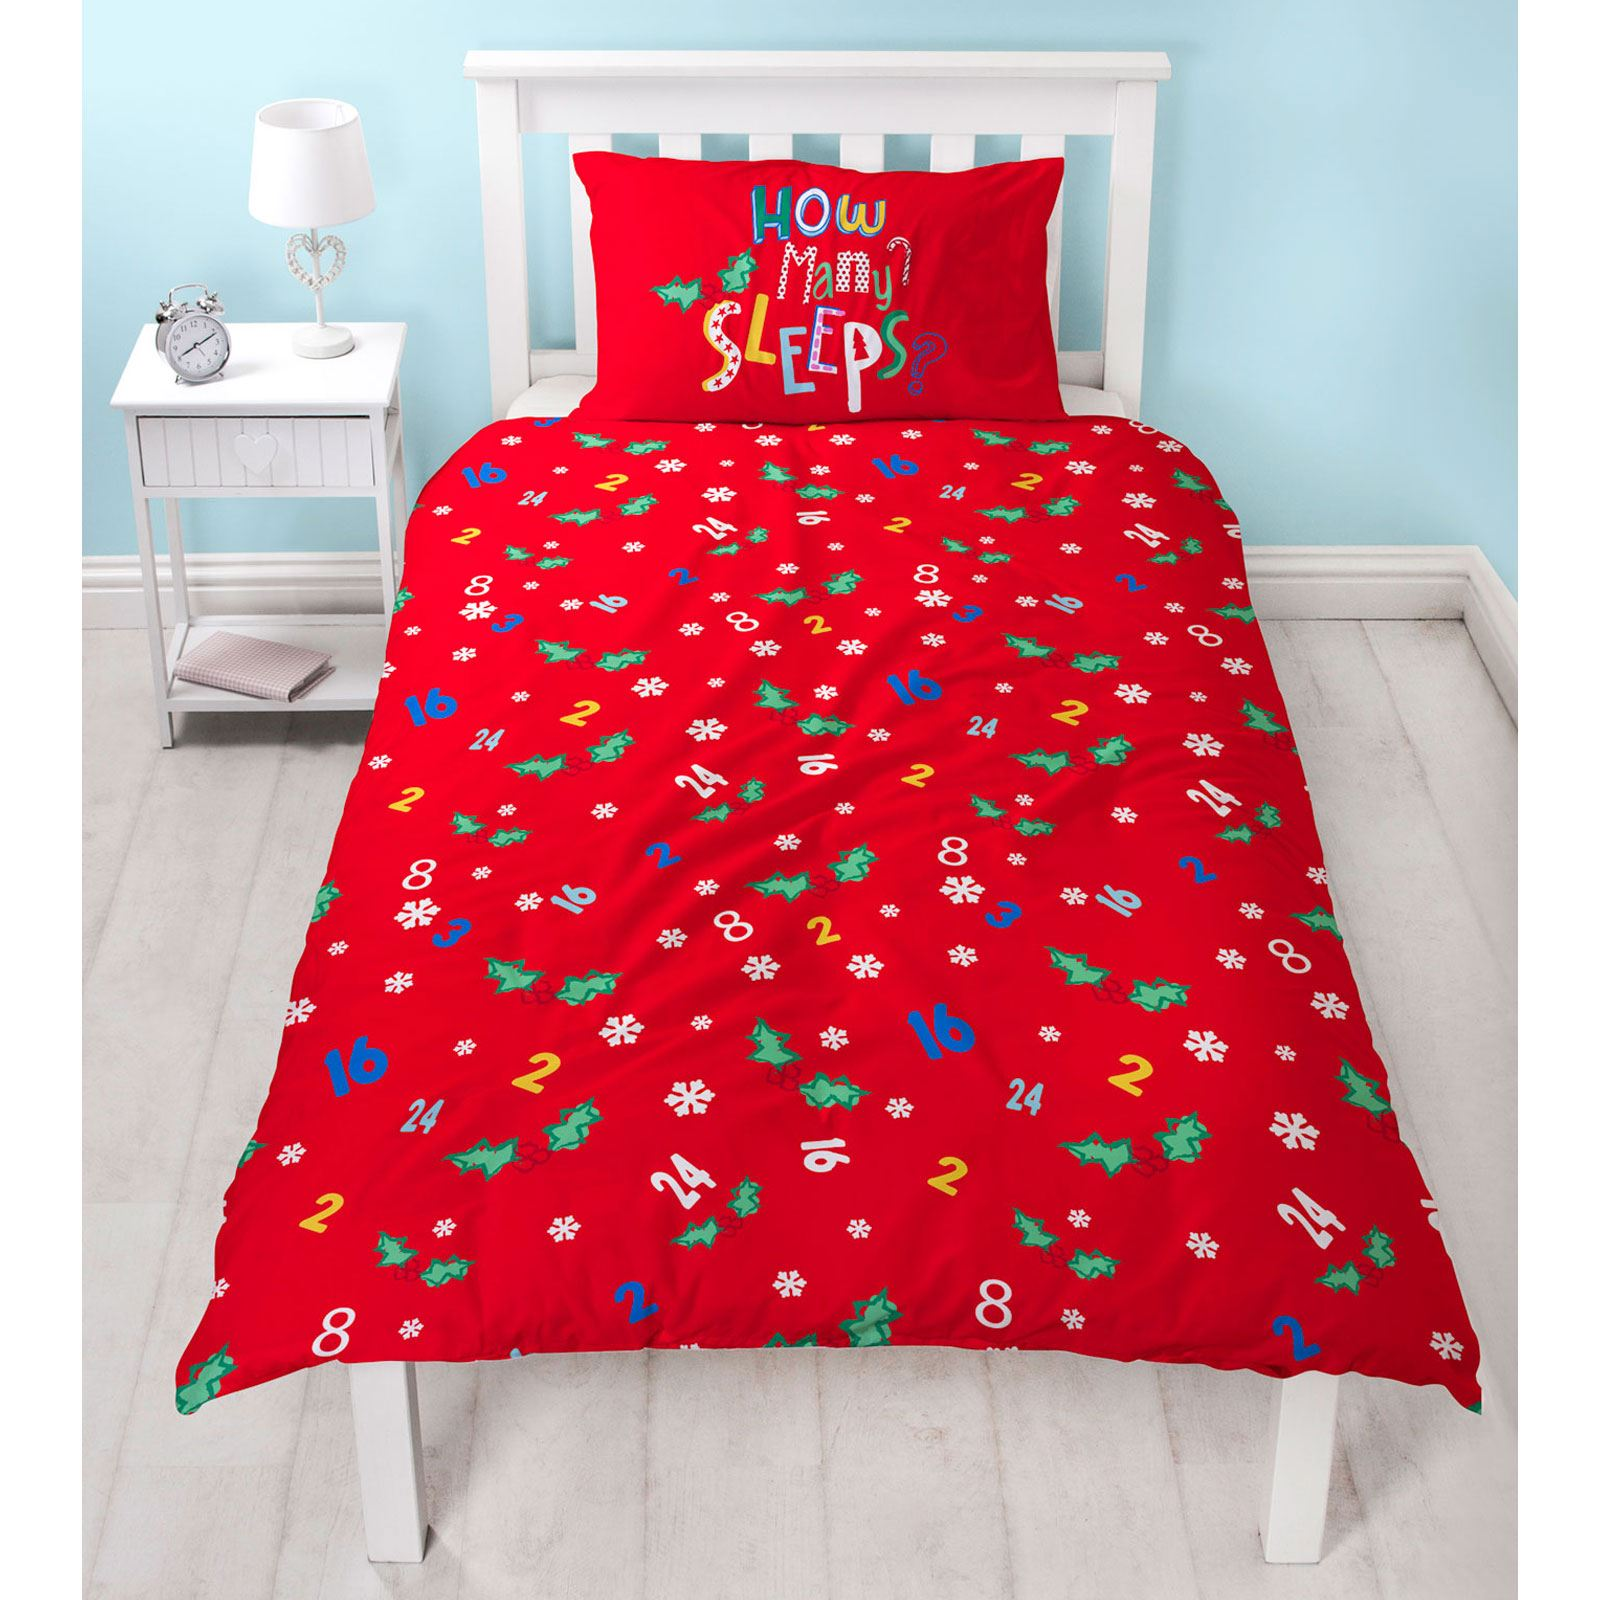 Indexbild 58 - Kinder Weihnachten Bettbezug Sets - Junior Einzel Doppel King - Elf Emoji Grinch